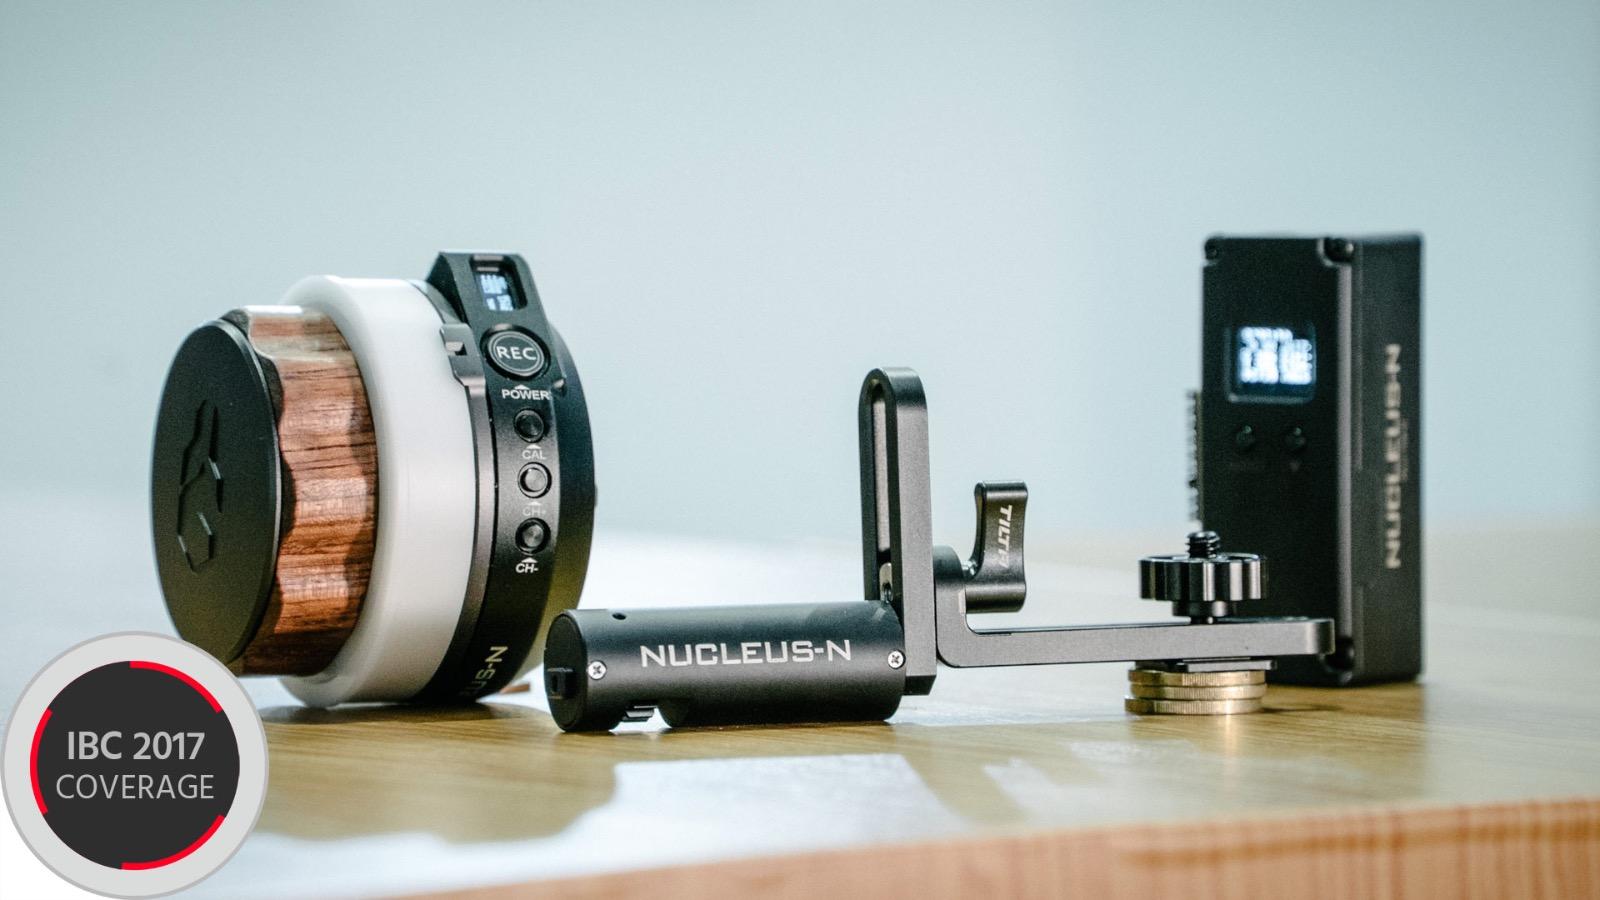 TiltaのNucleus N - 他社ジンバルでも使用できる小型リモートフォローフォーカス